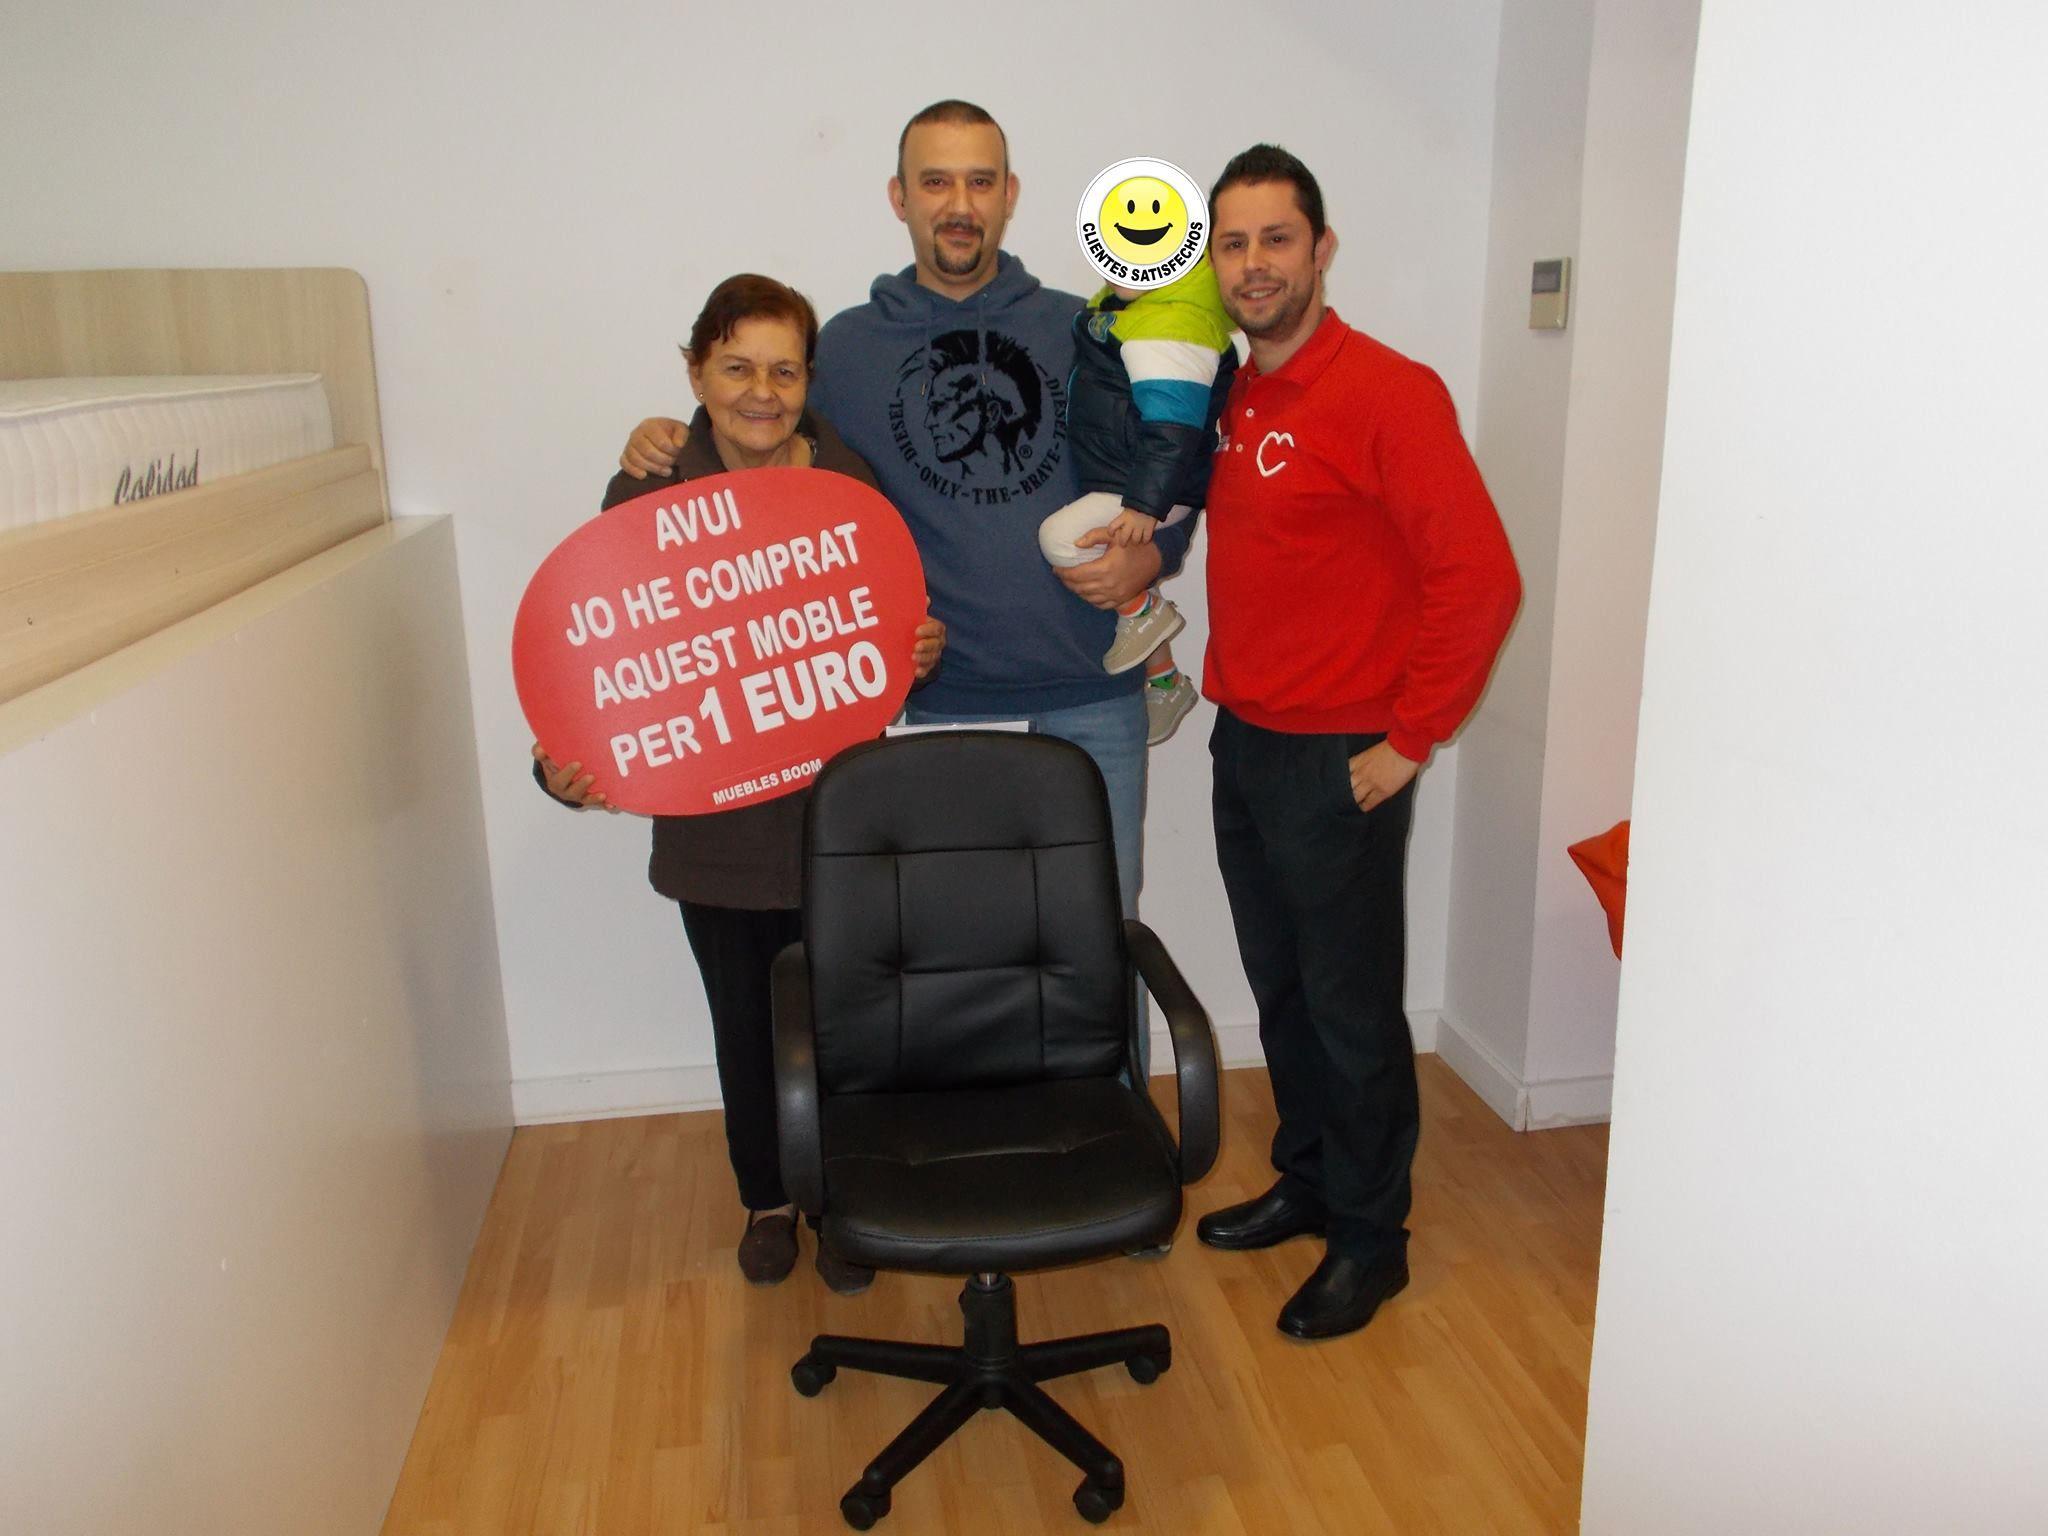 El Pasado Viernes Miriam J Y Mauro P Se Compraron Por Solo 1  # Muebles Boom Vitoria